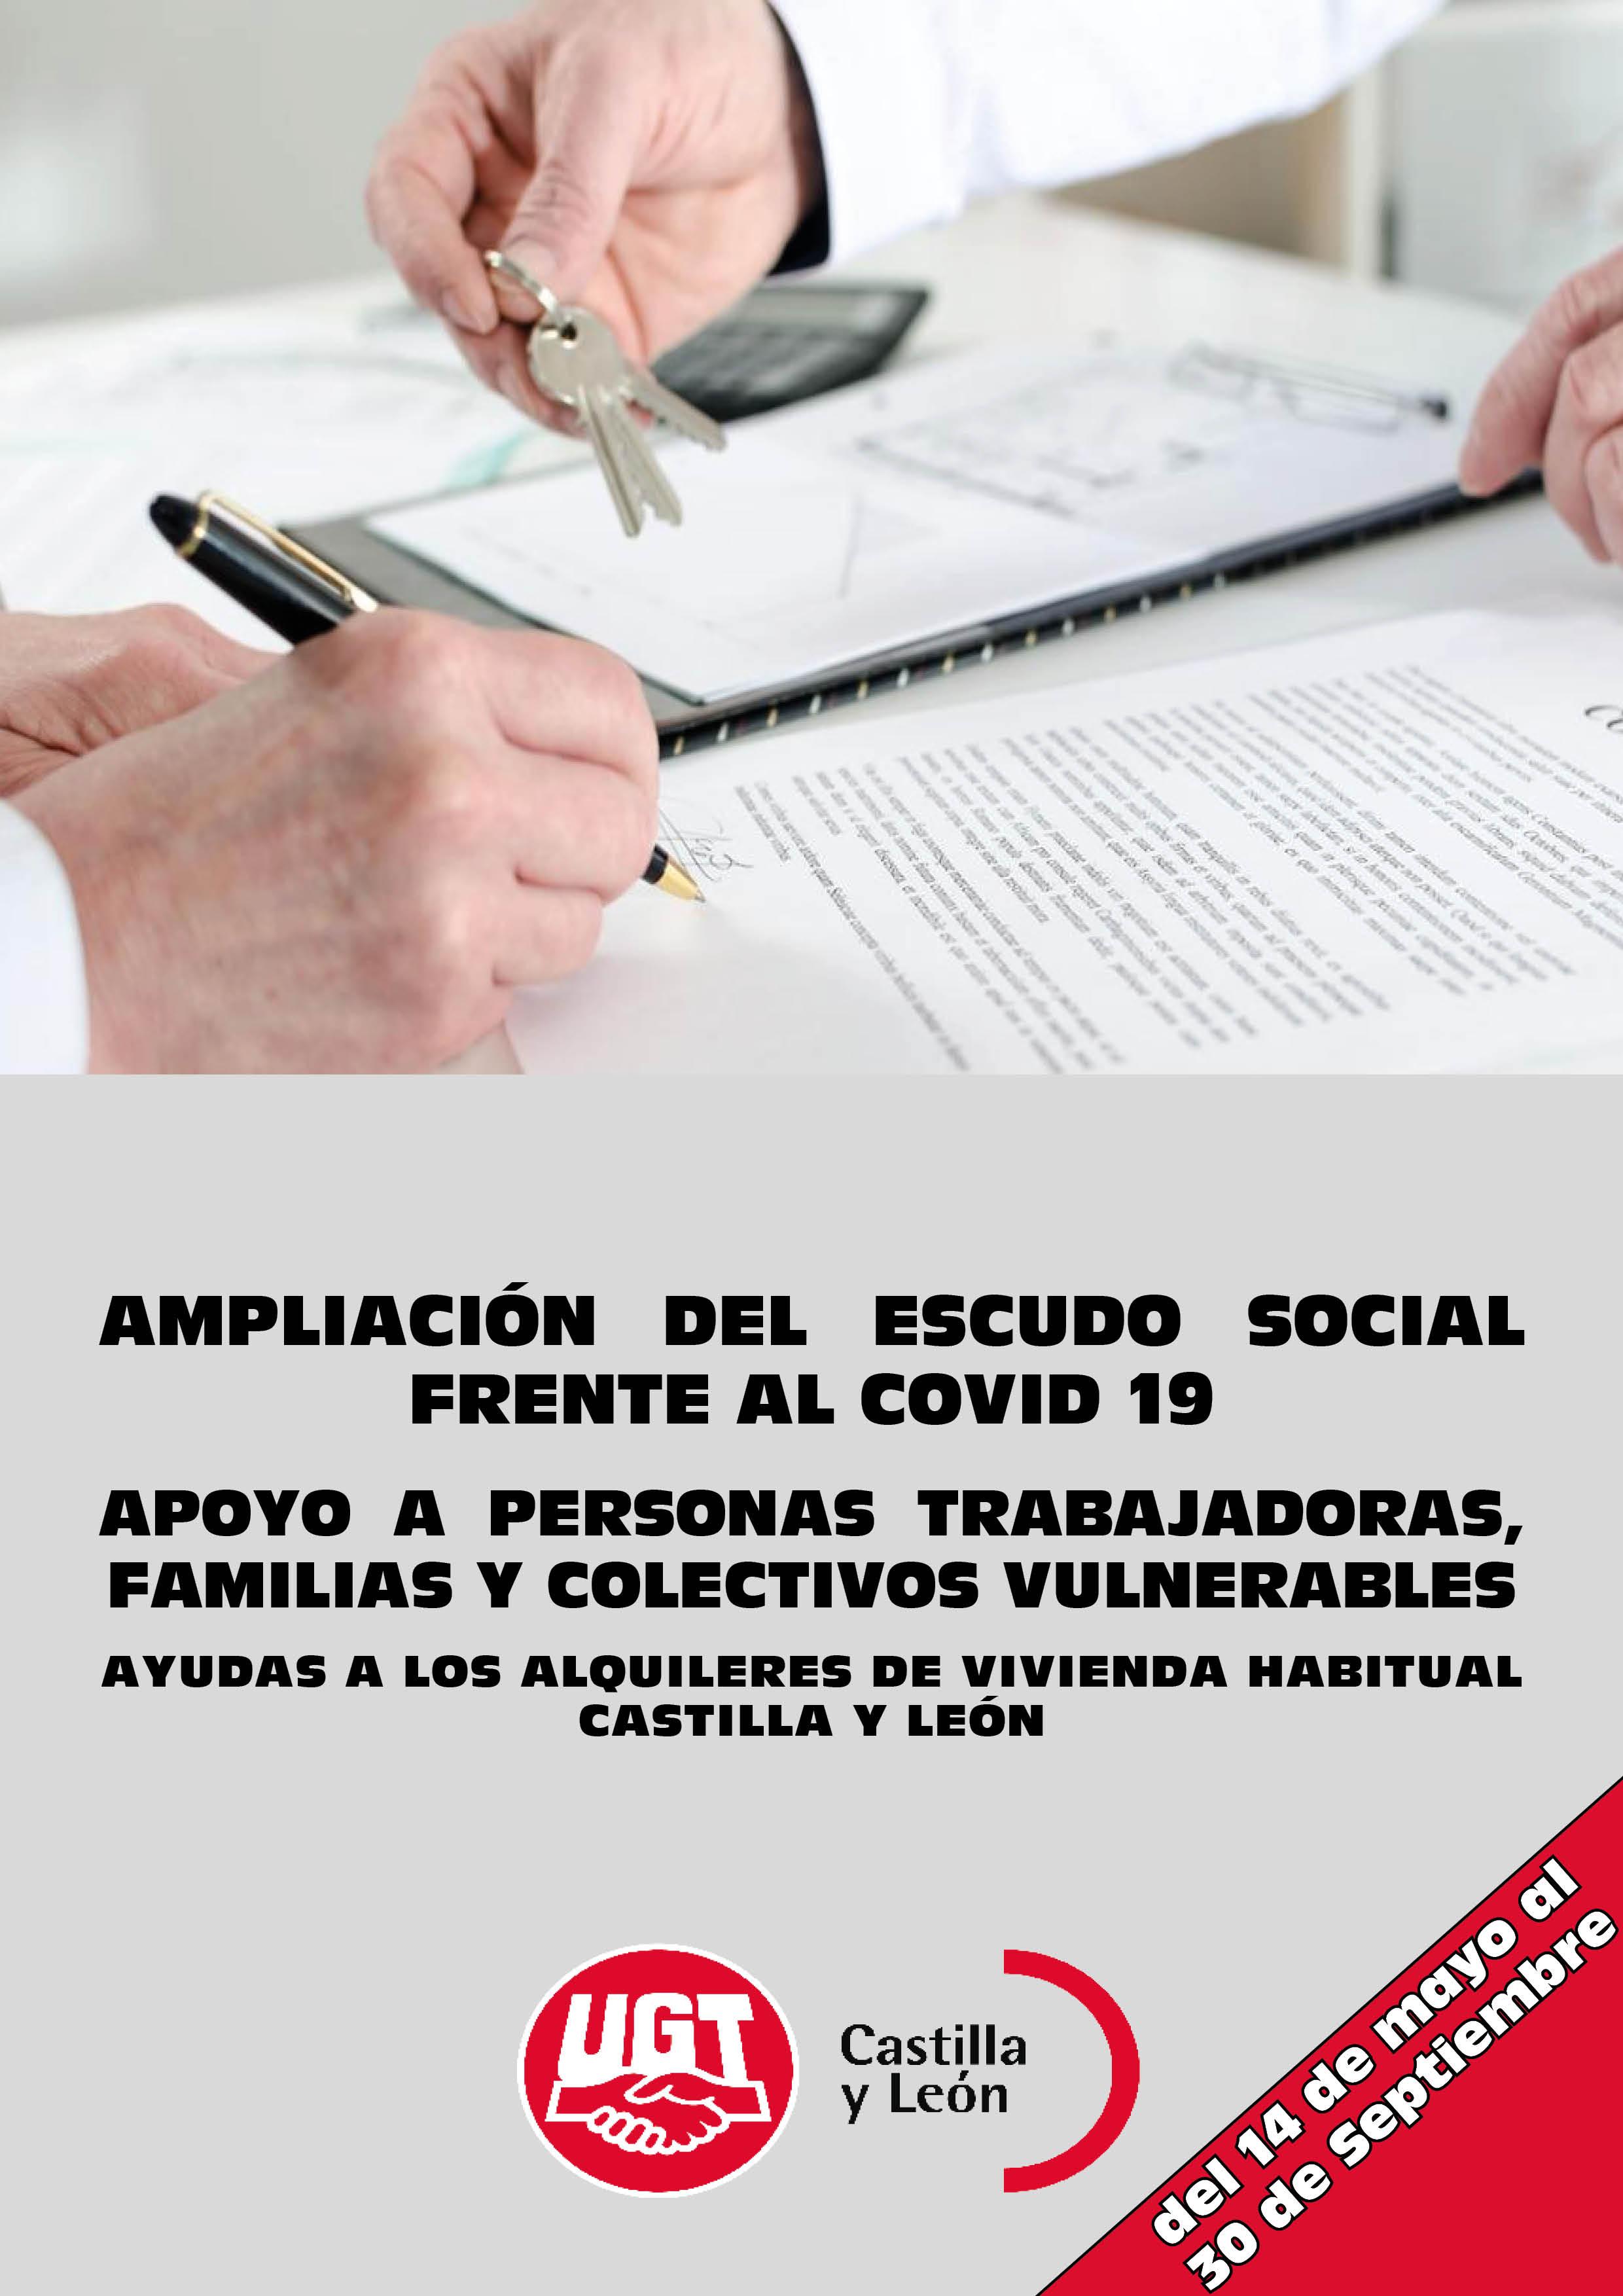 AMPLIACIÓN DEL ESCUDO SOCIAL FRENTE AL COVID 19 AYUDAS A LOS ALQUILERES DE VIVIENDA HABITUAL CASTILLA Y LEÓN